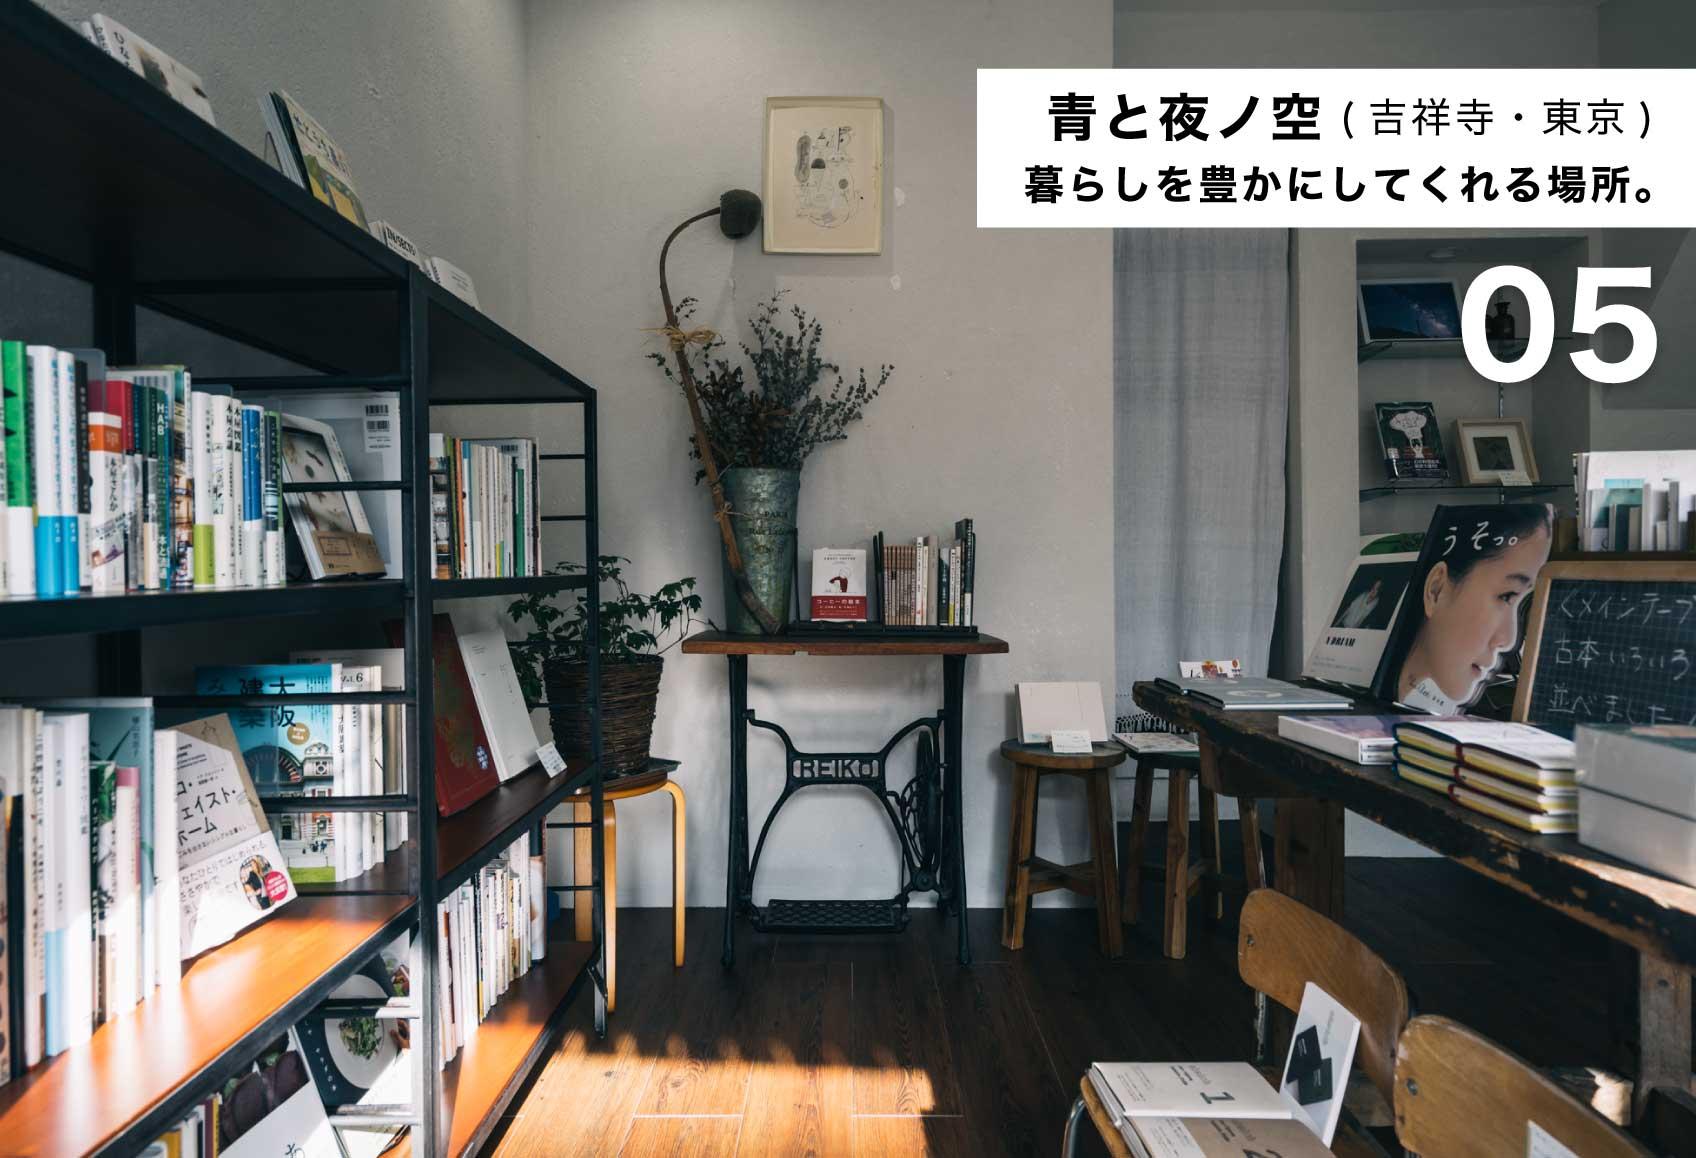 暮らしを豊かにしてくれる場所。『青と夜ノ空(吉祥寺・東京)』